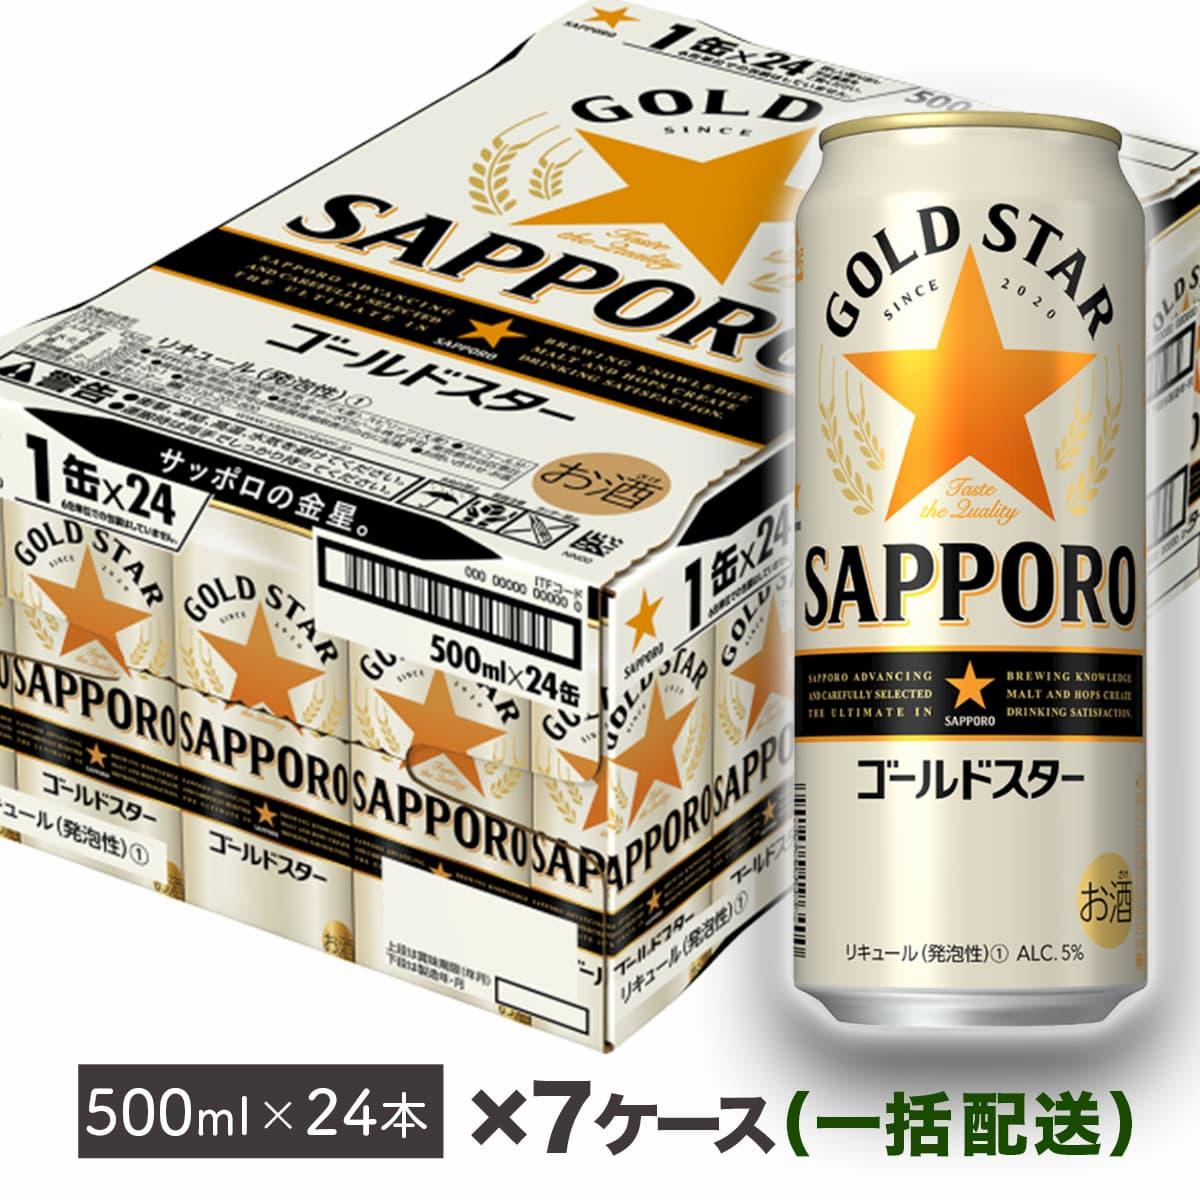 【ふるさと納税】地元名取産 サッポロ ゴールドスター 金星 500ml缶×24本(1ケース)を7ケース同時配送